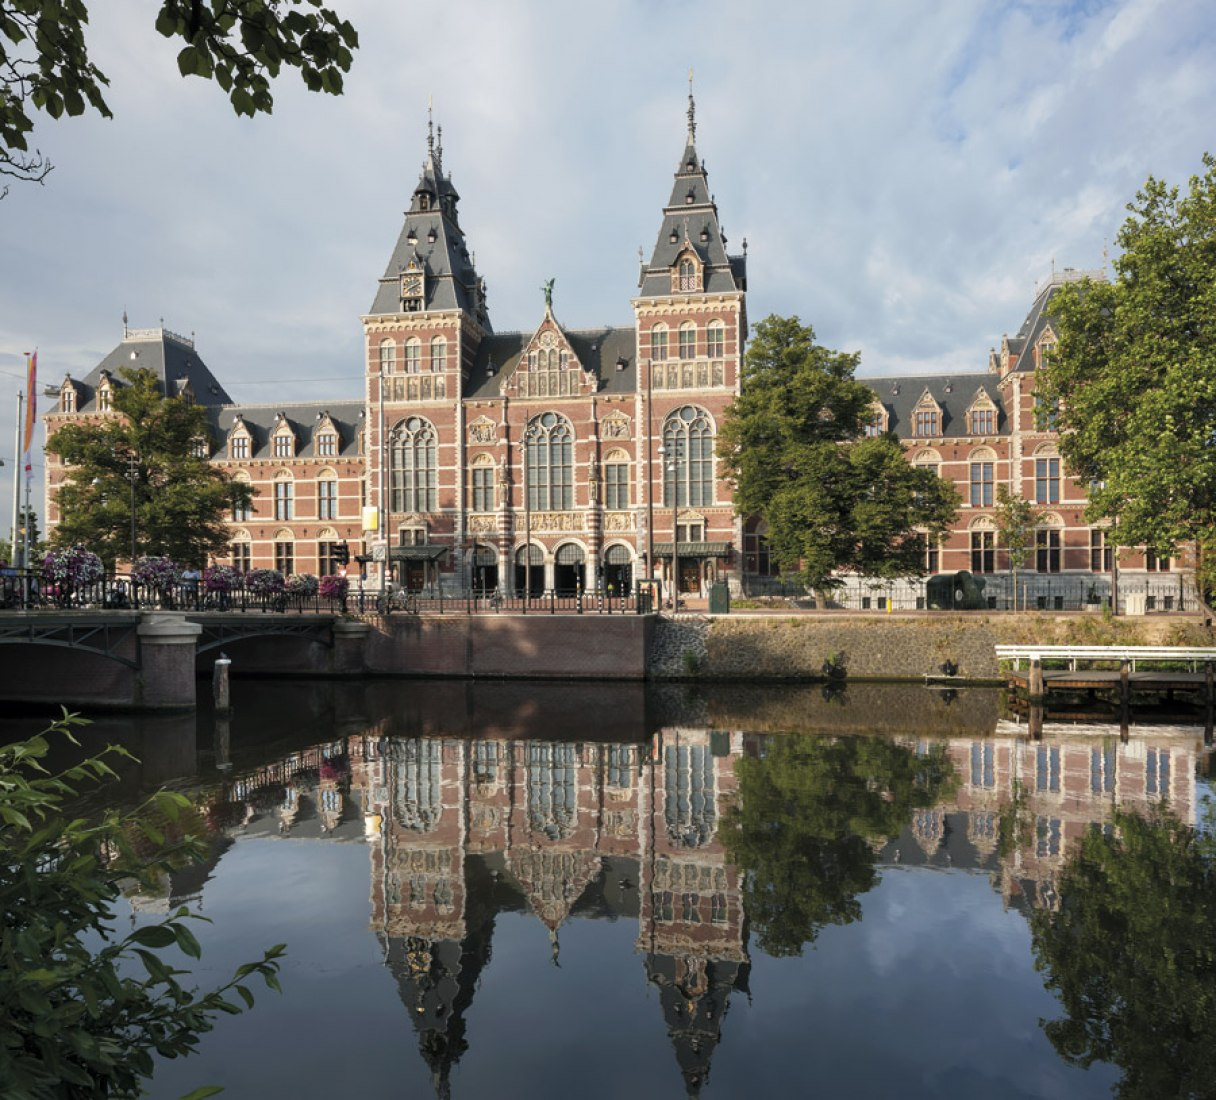 Vista exterior. Nuevo Rijksmuseum por Cruz y Ortiz arquitectos. Fotografía cortesía de Abe Bonnema Prijs. Fotografía ©  Duccio Malagamba.